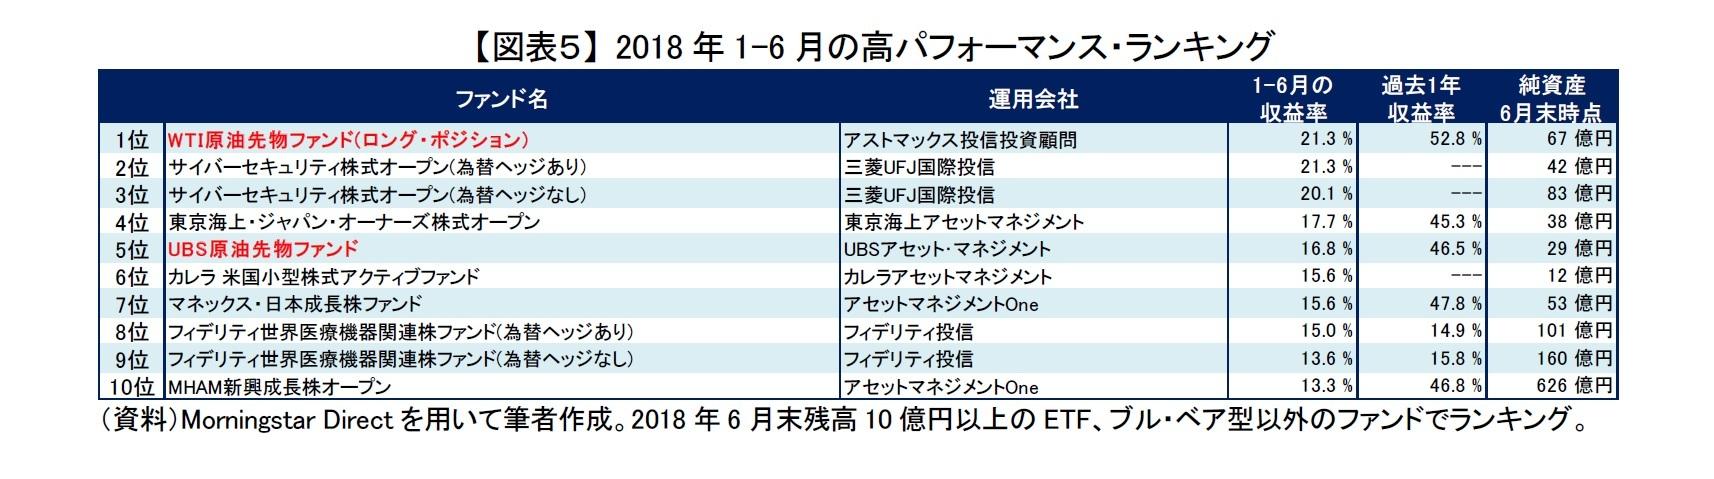 【図表5】 2018年1-6月の高パフォーマンス・ランキング